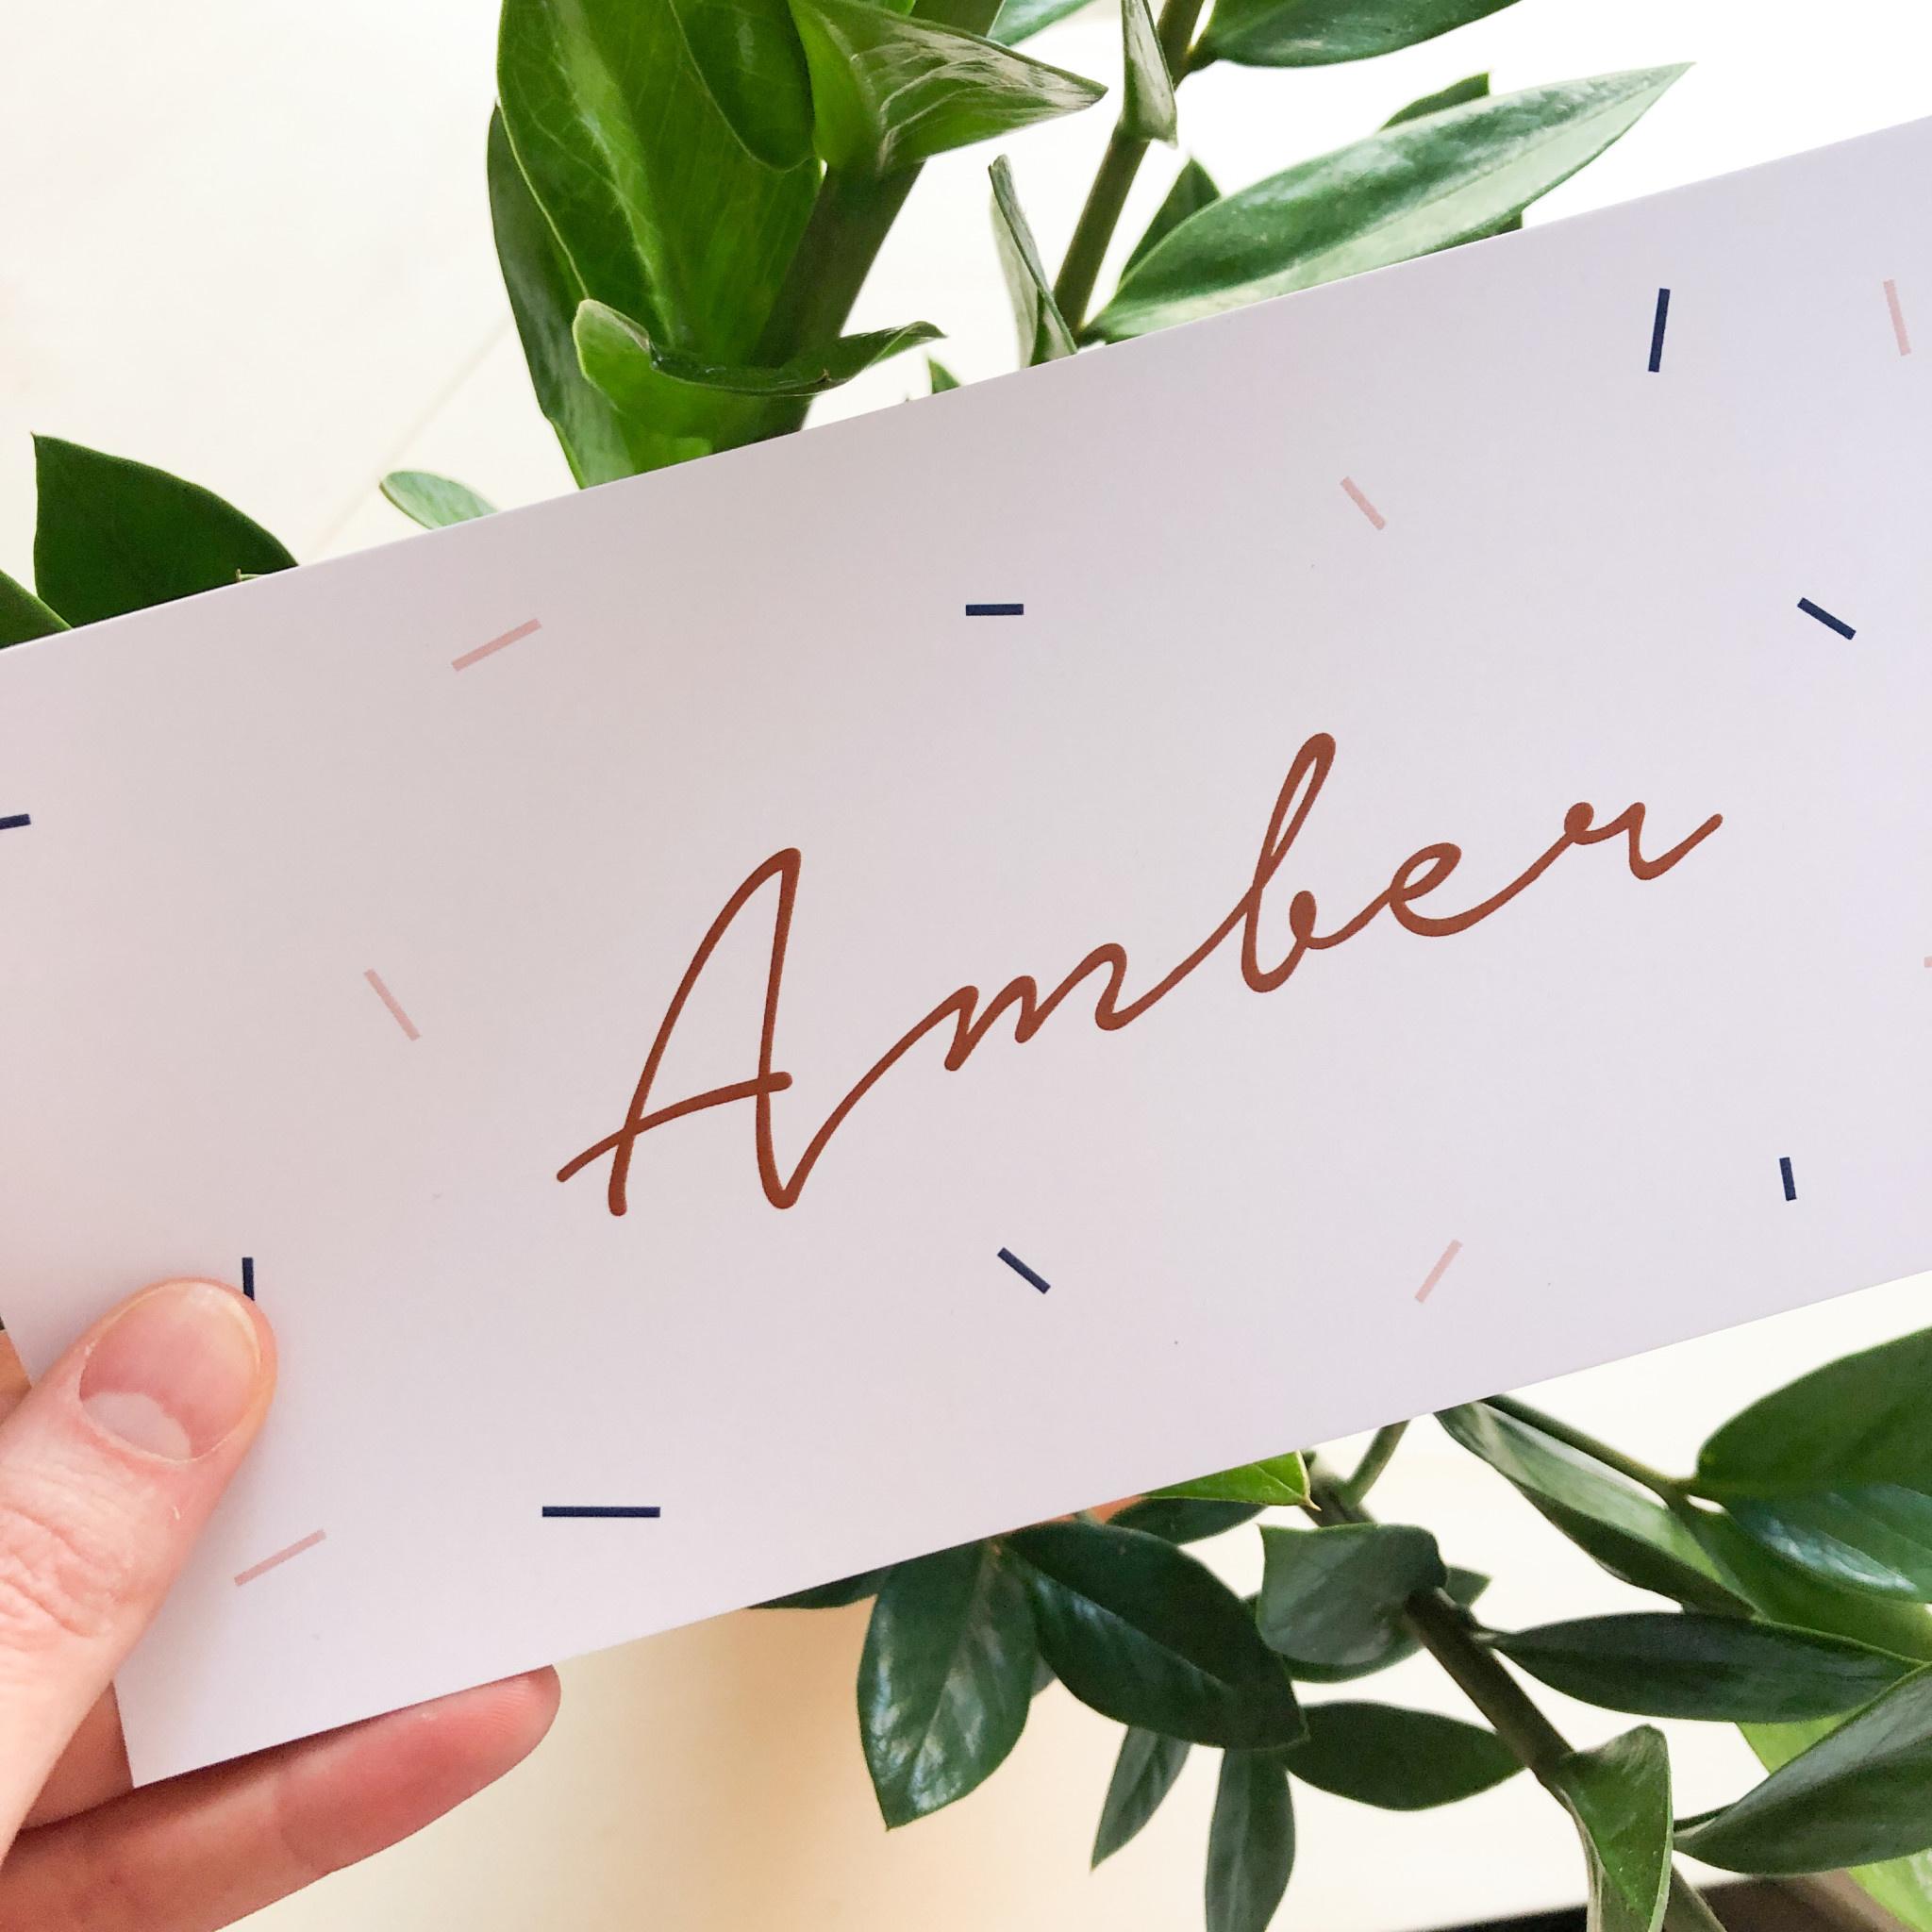 geboren_16nov Amber